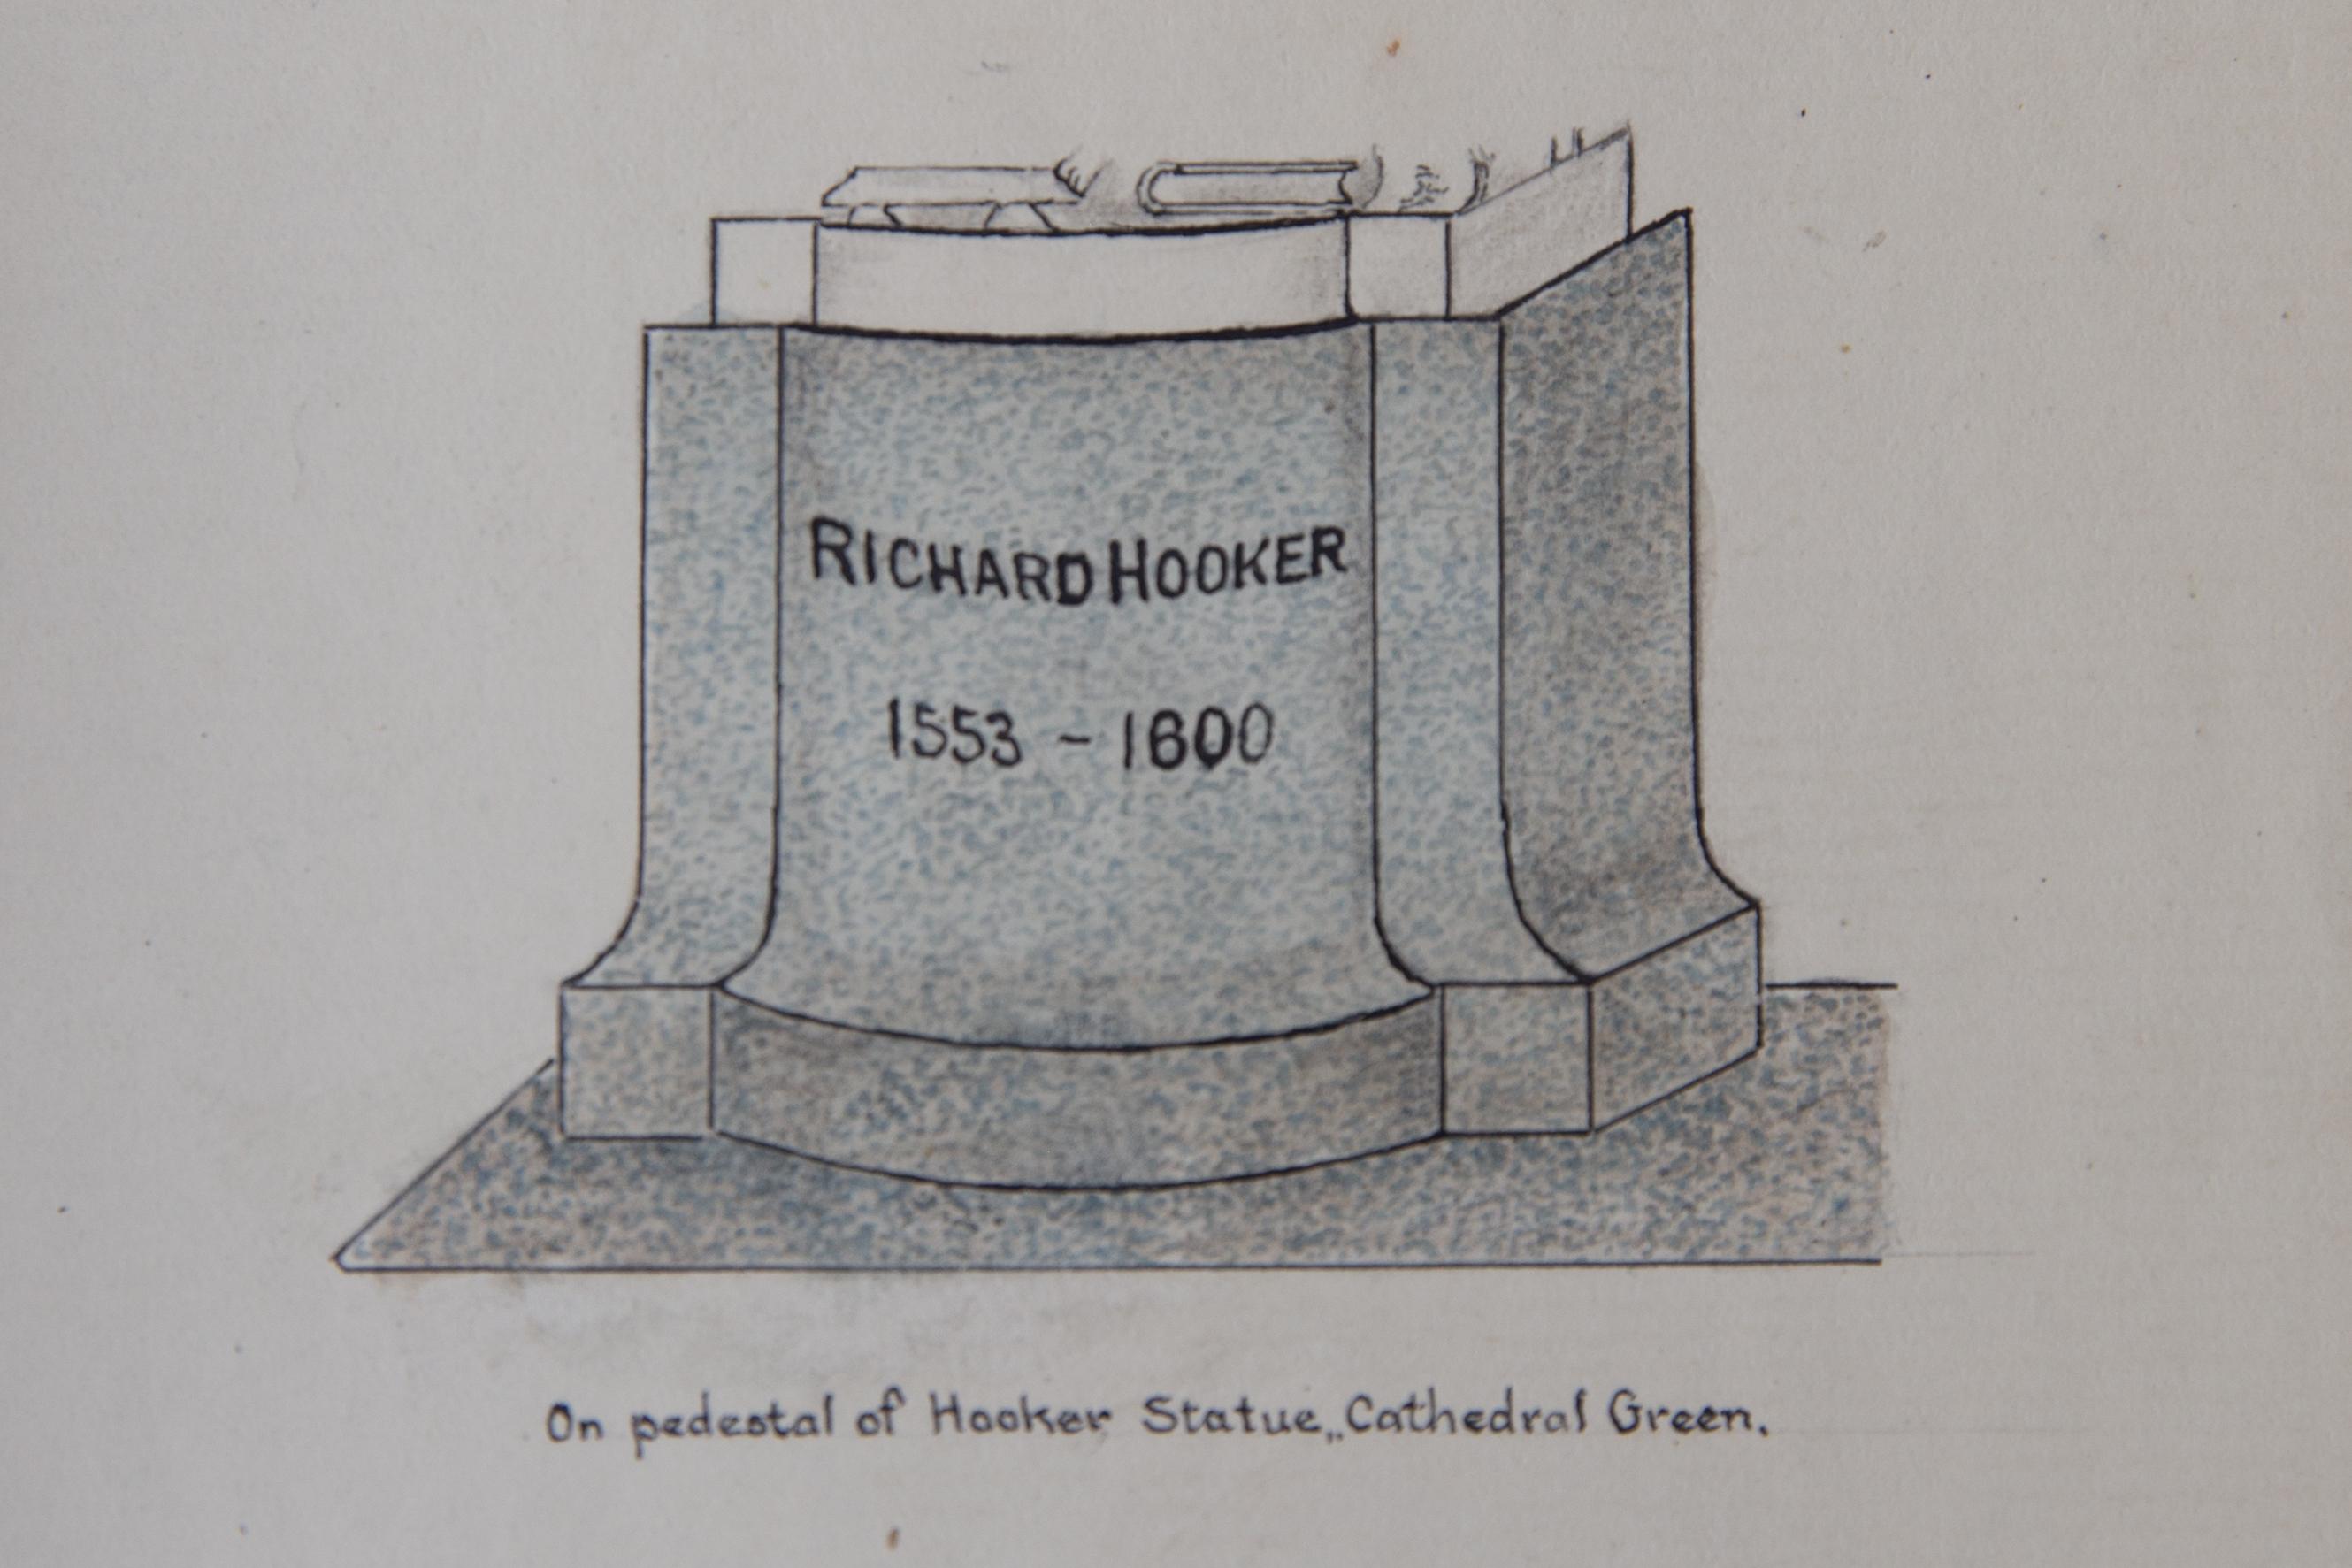 Richard Hooker Monument